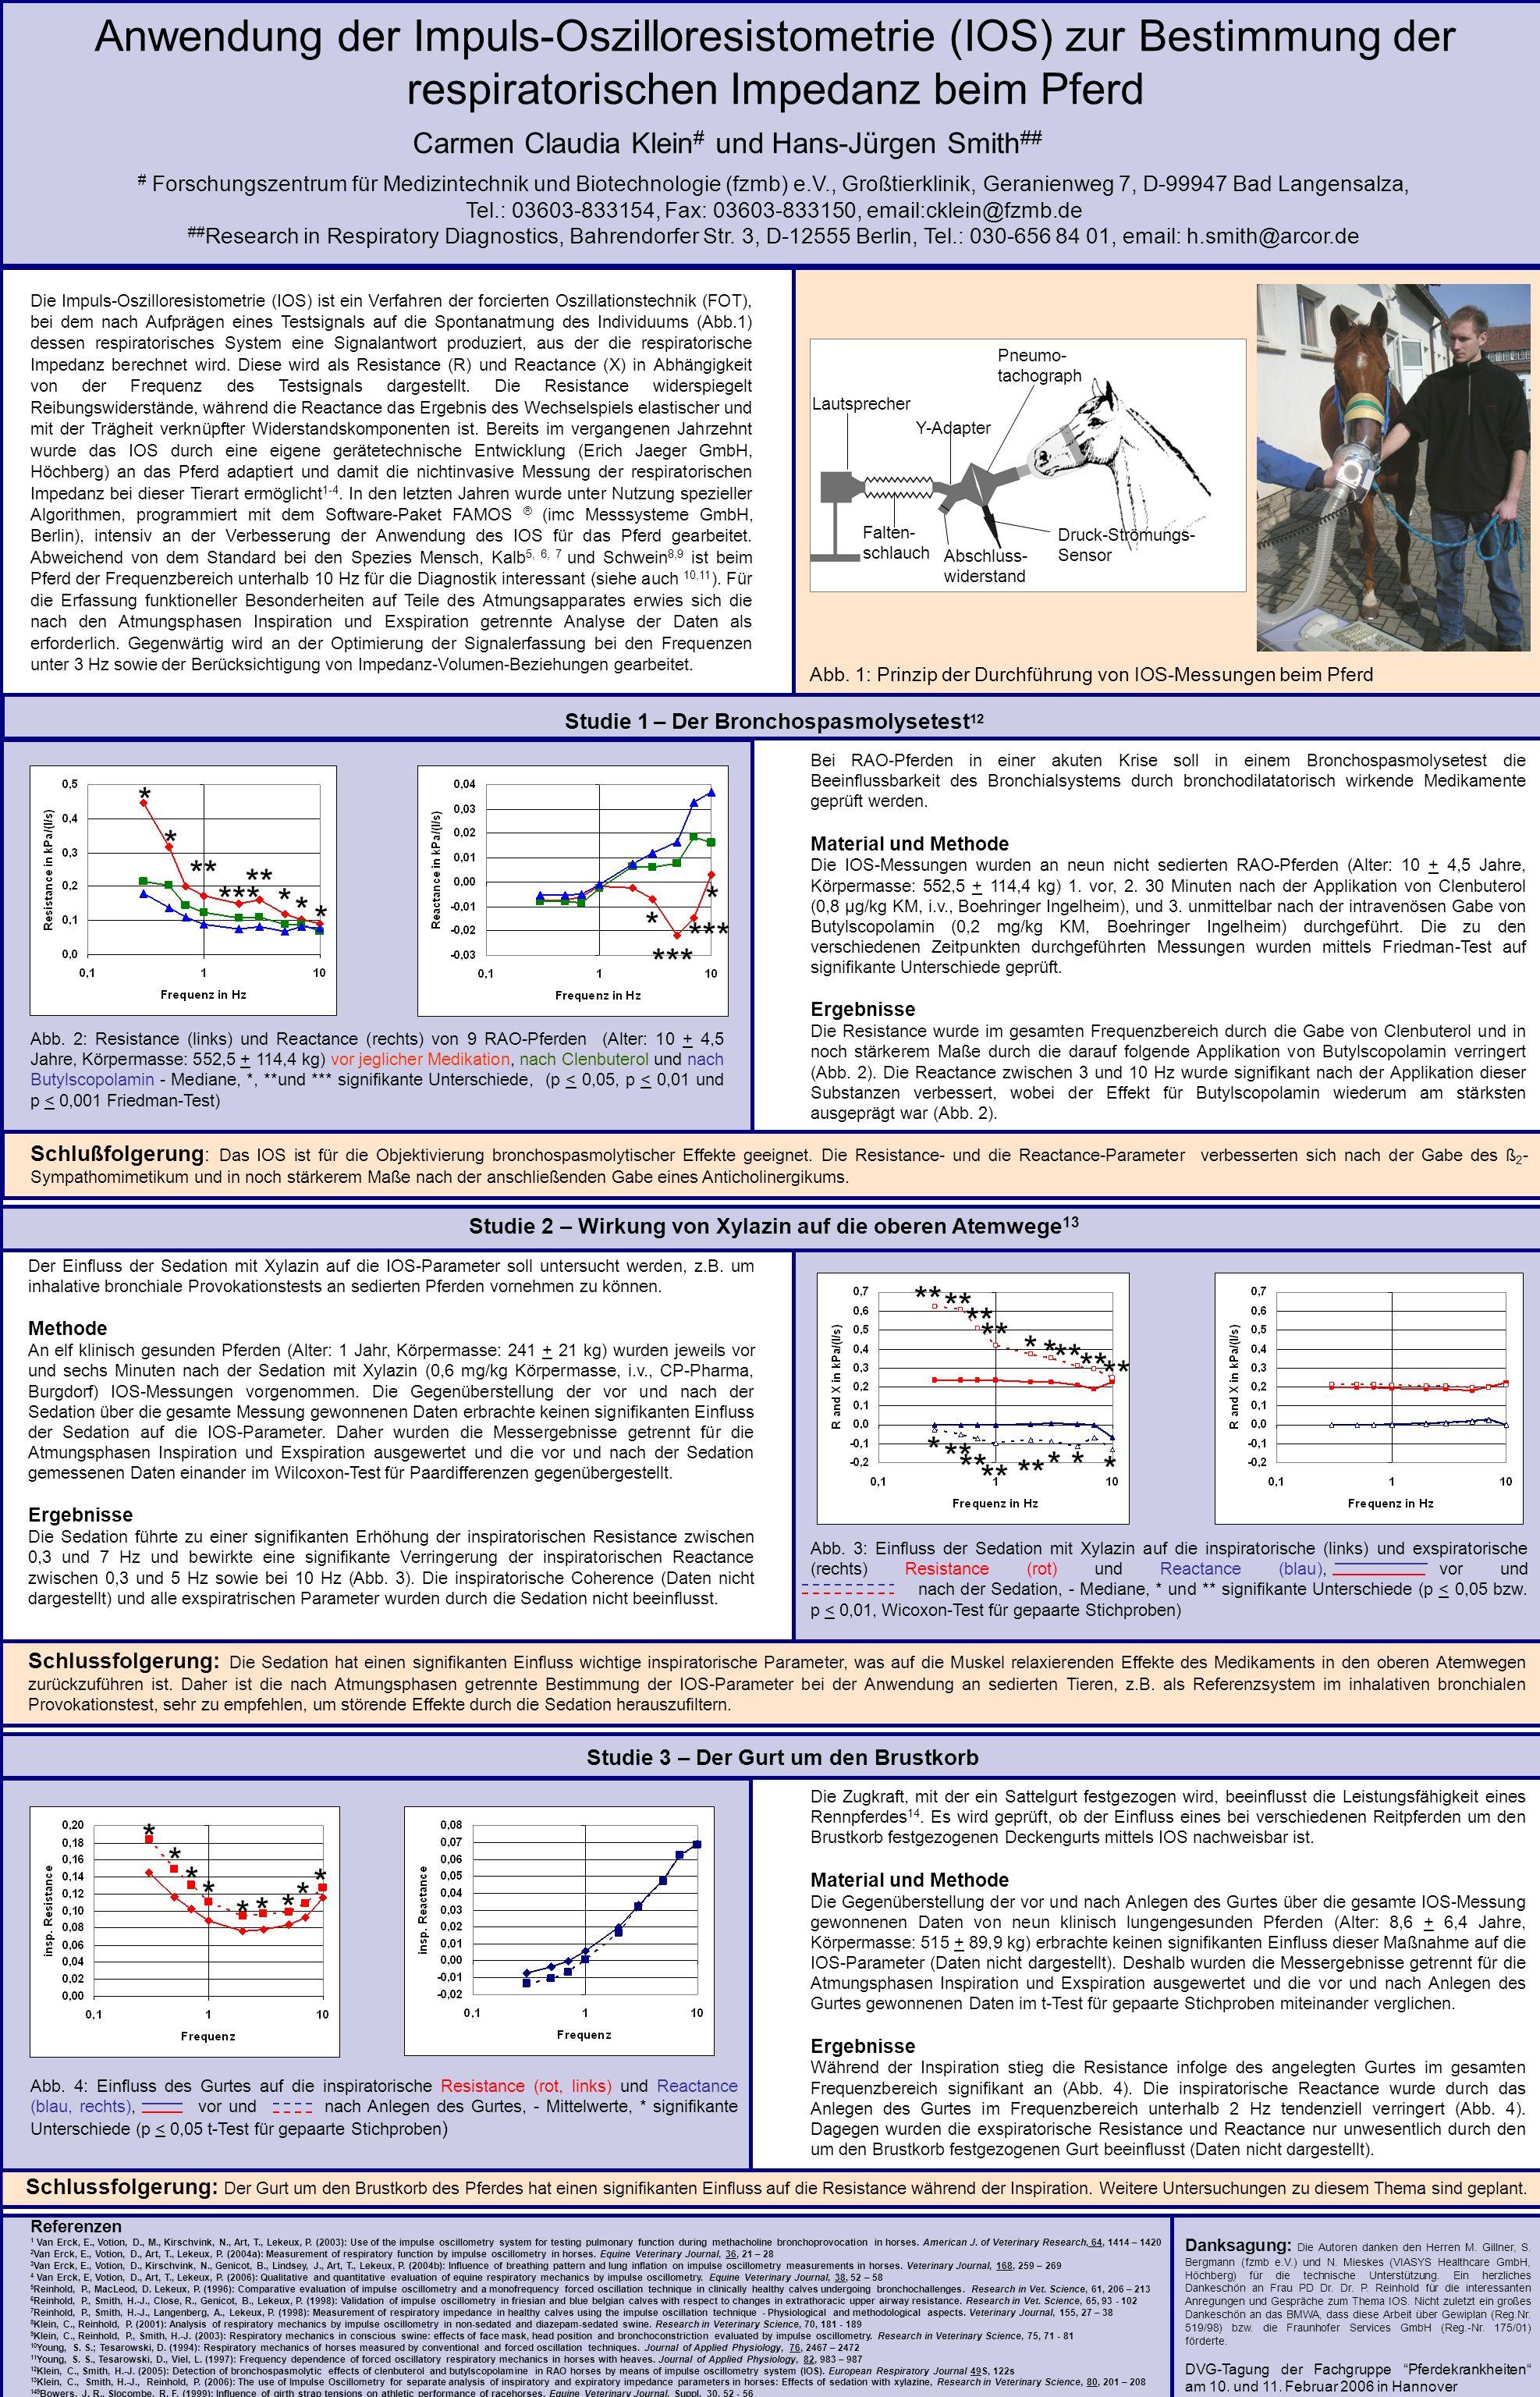 Anwendung der Impuls-Oszilloresistometrie (IOS) zur Bestimmung der respiratorischen Impedanz beim Pferd Carmen Claudia Klein # und Hans-Jürgen Smith #